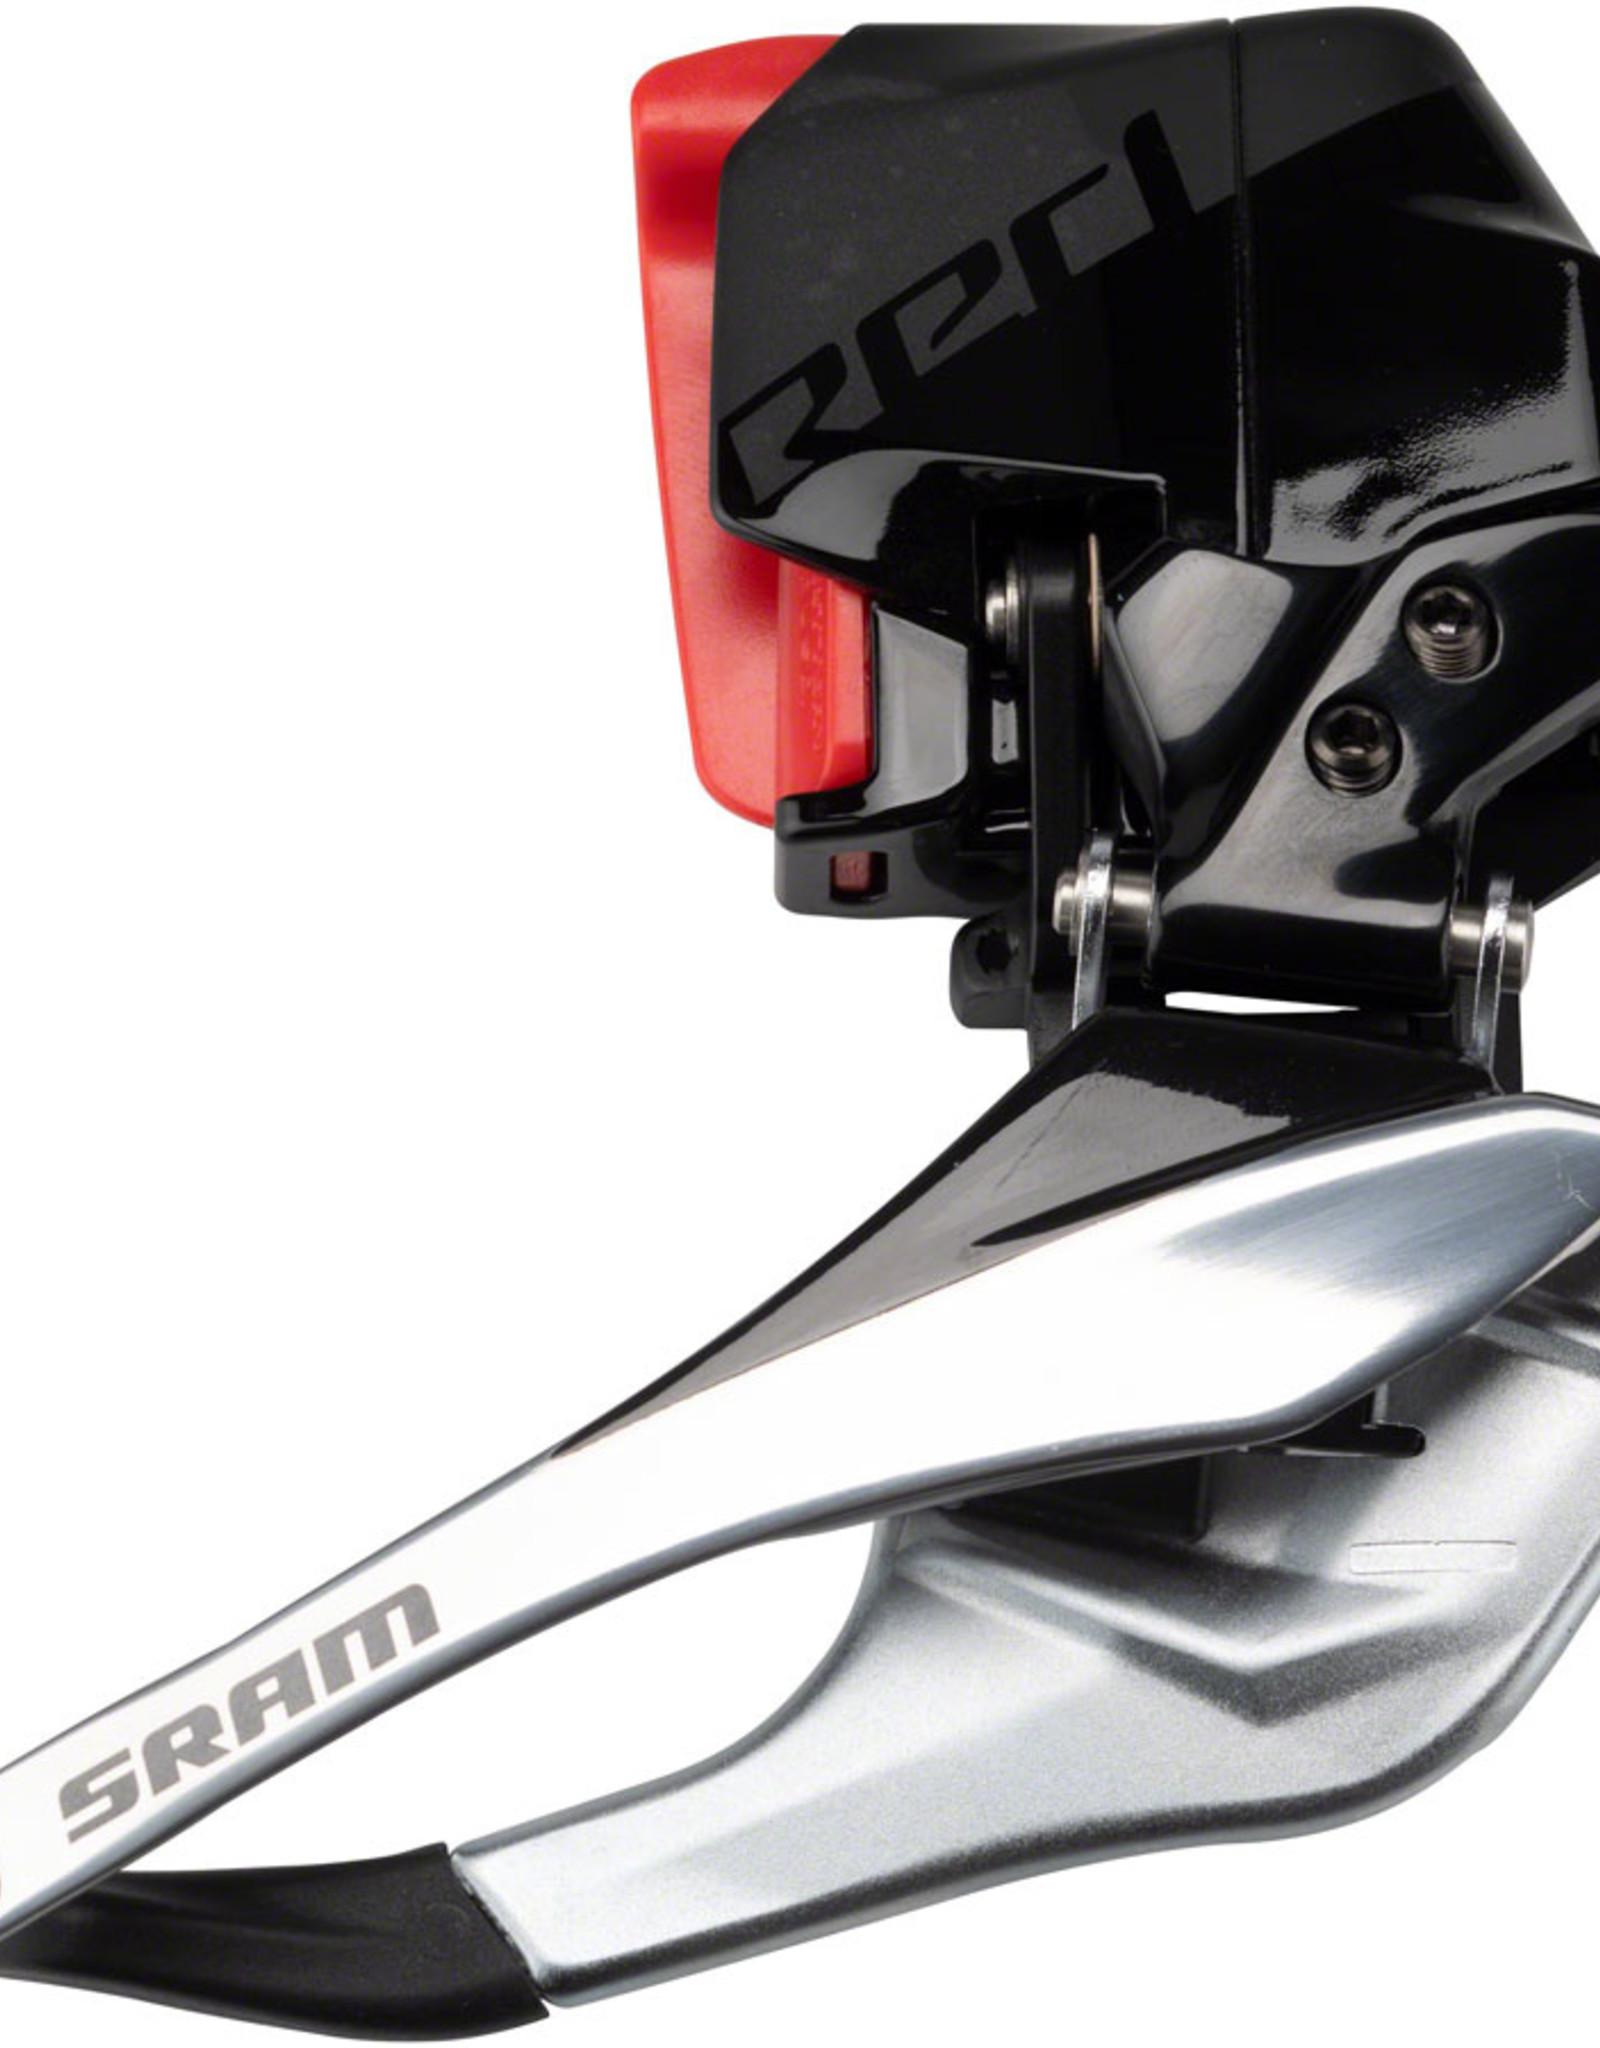 SRAM SRAM RED AXS eTap Braze-On Front Derailleur, D1